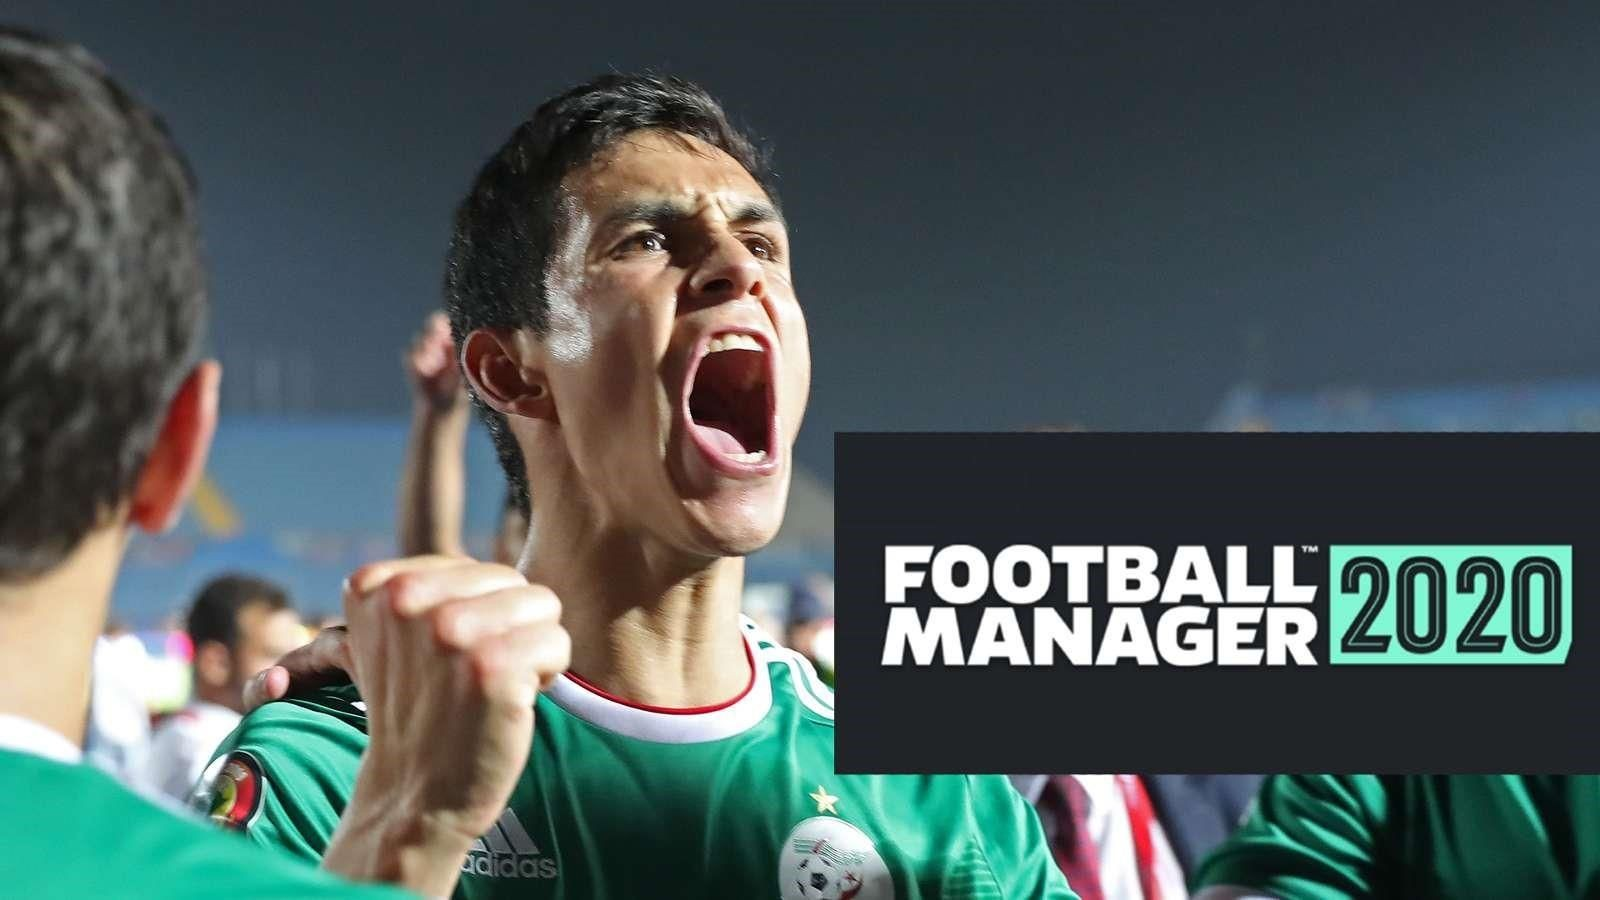 У Football Manager 2020 появилась точная дата релиза:19 ноября